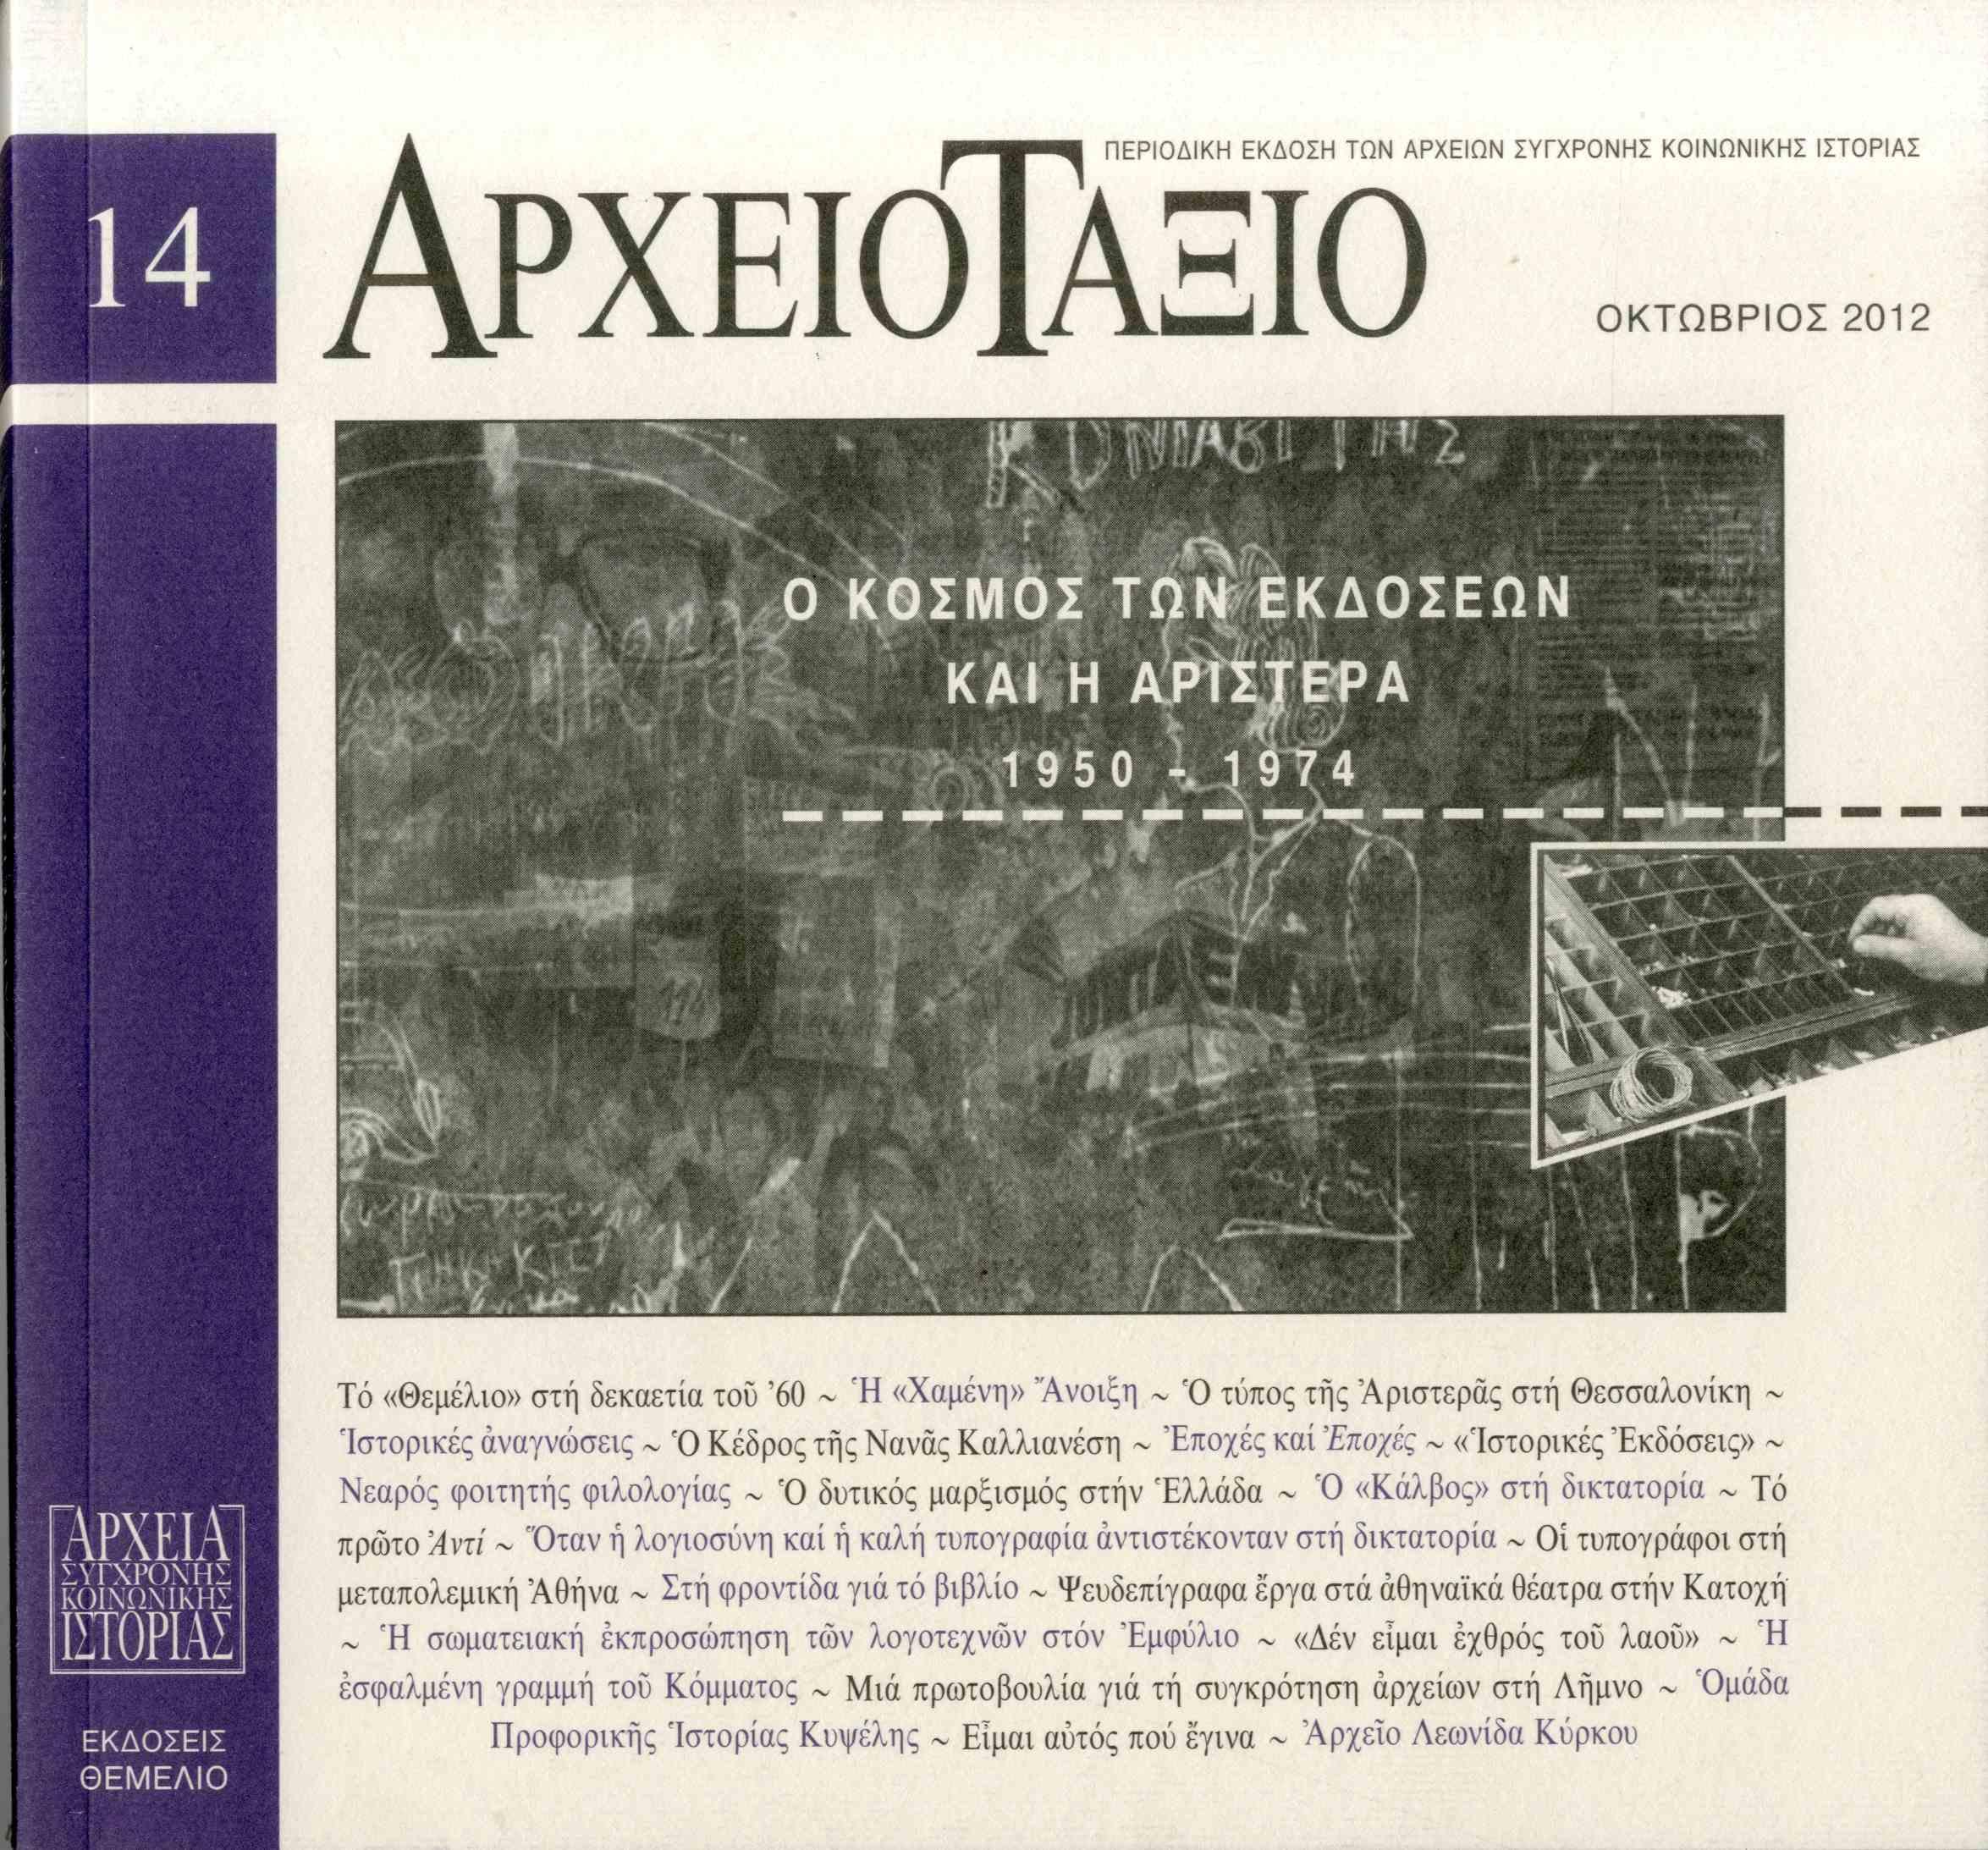 http://askiweb.eu/images/Archeiotaxio/14/archeiotaxio14001.jpg